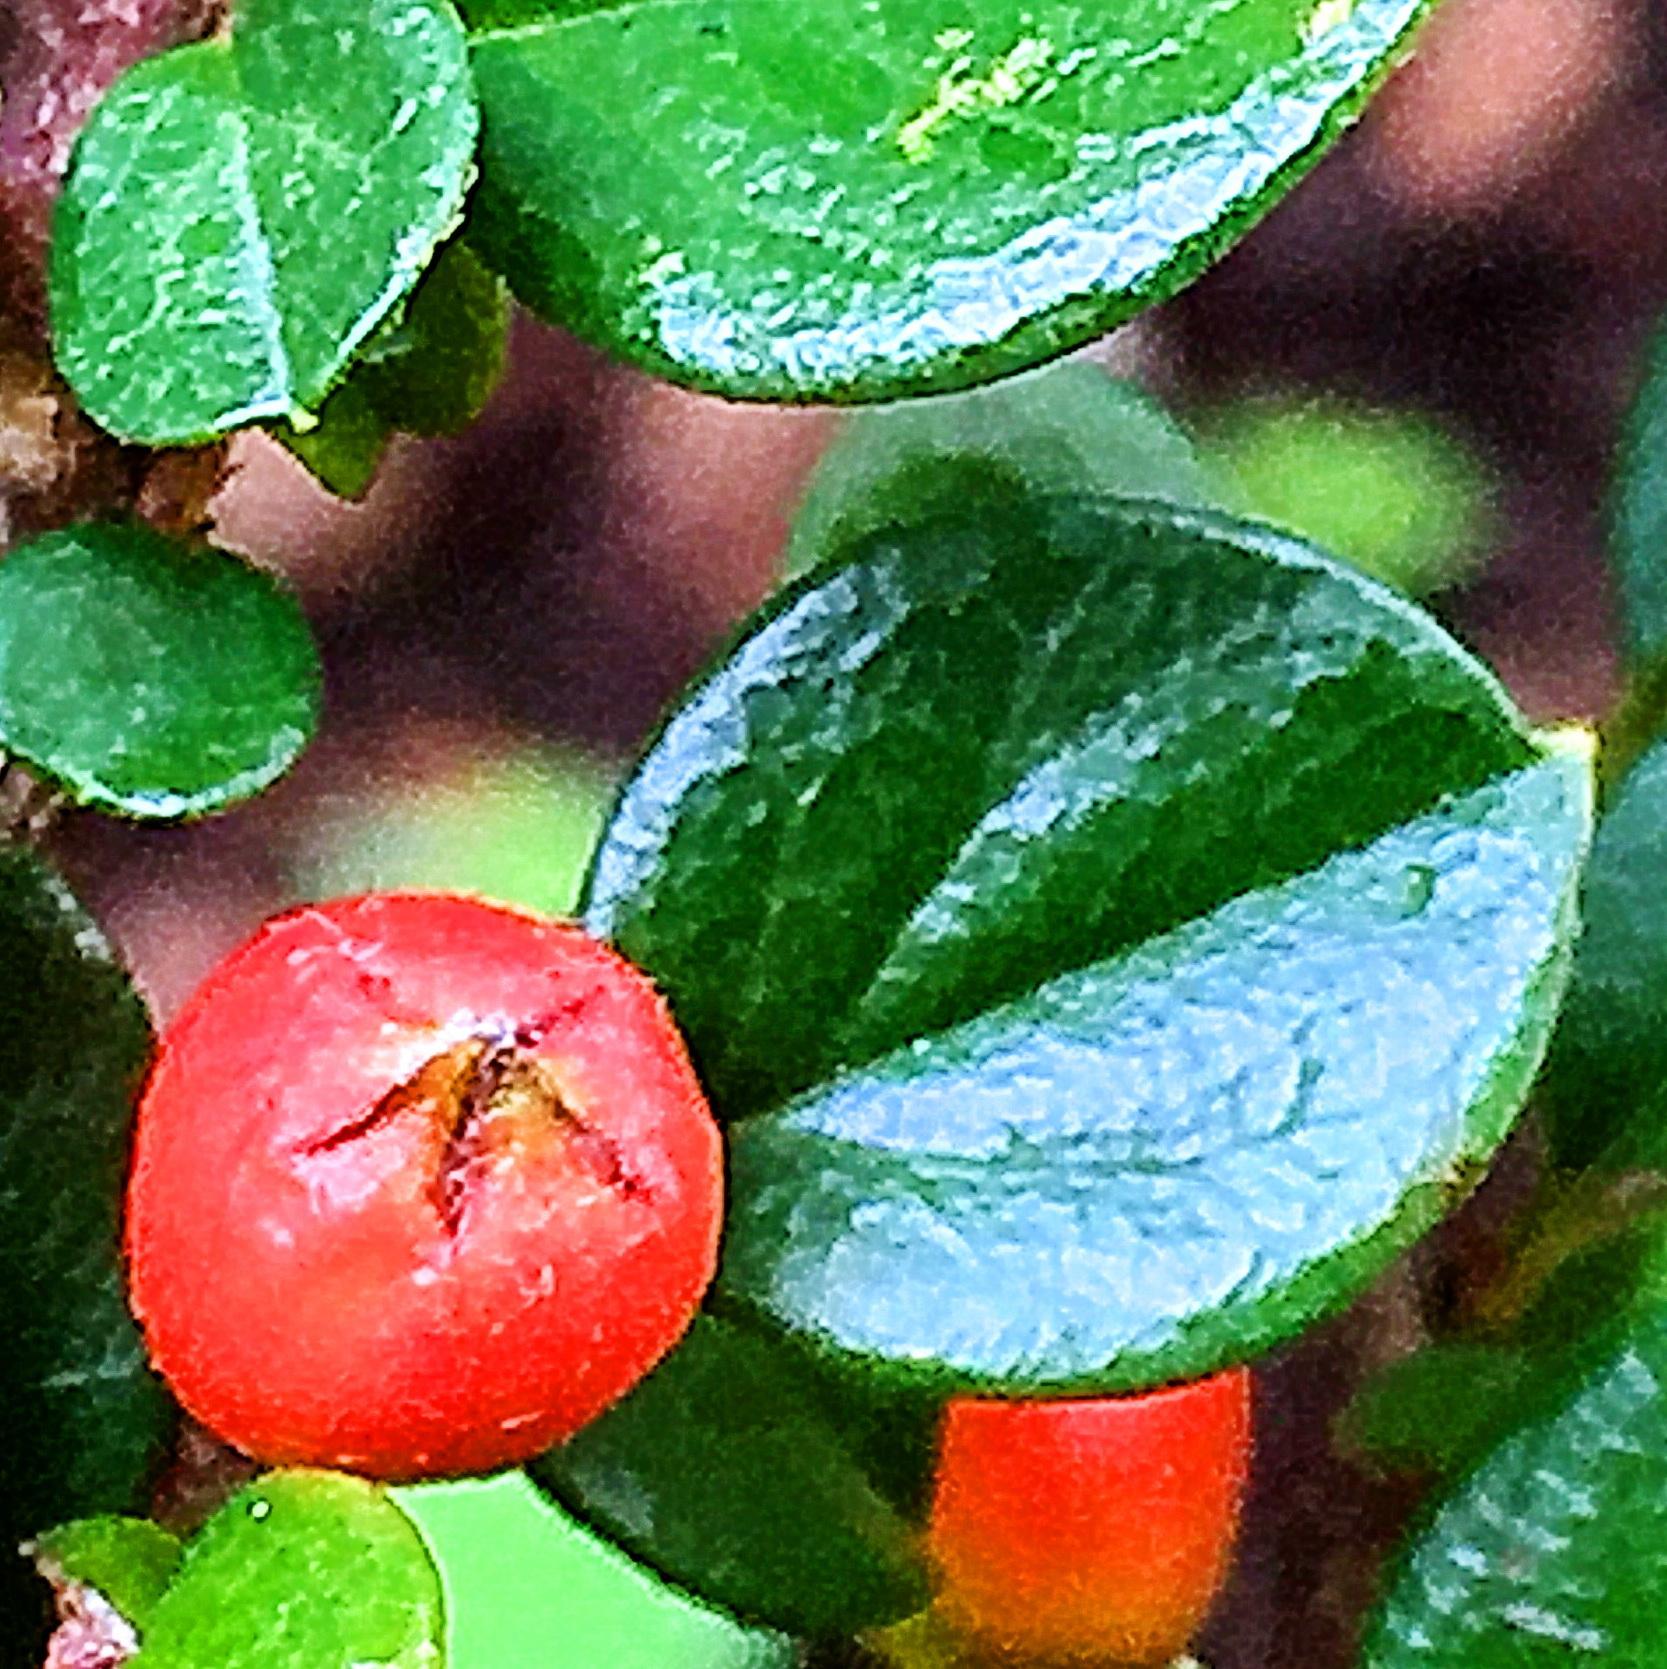 ベニシタン(紅紫檀)の果実